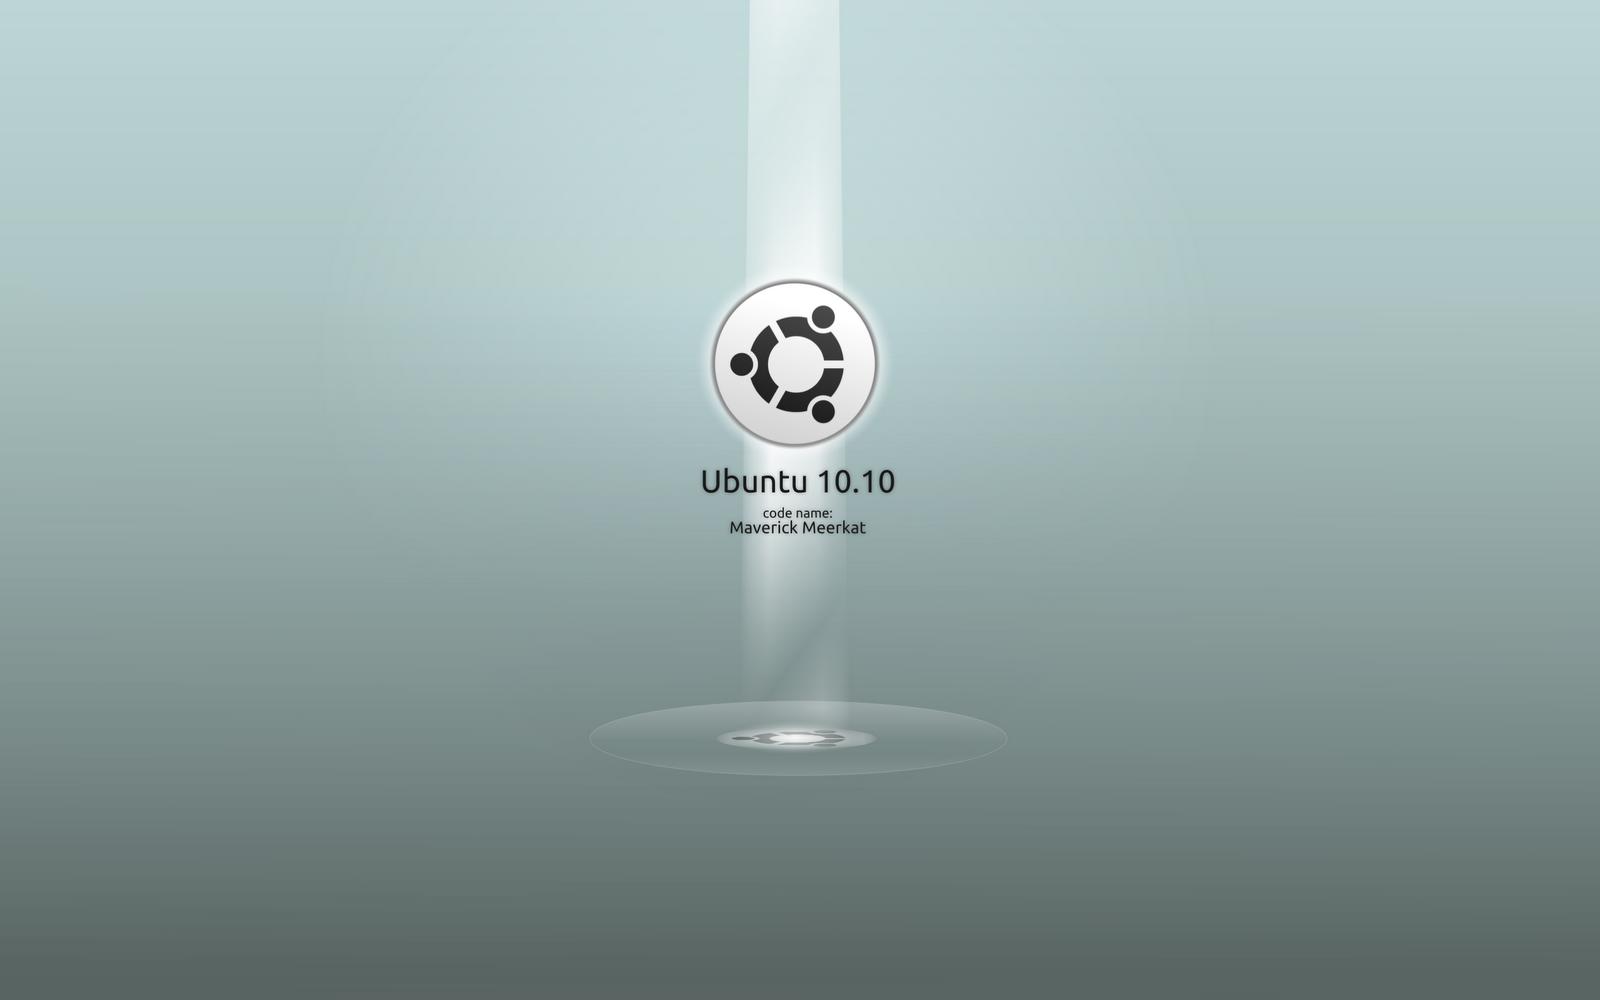 how to cut a video in ubuntu